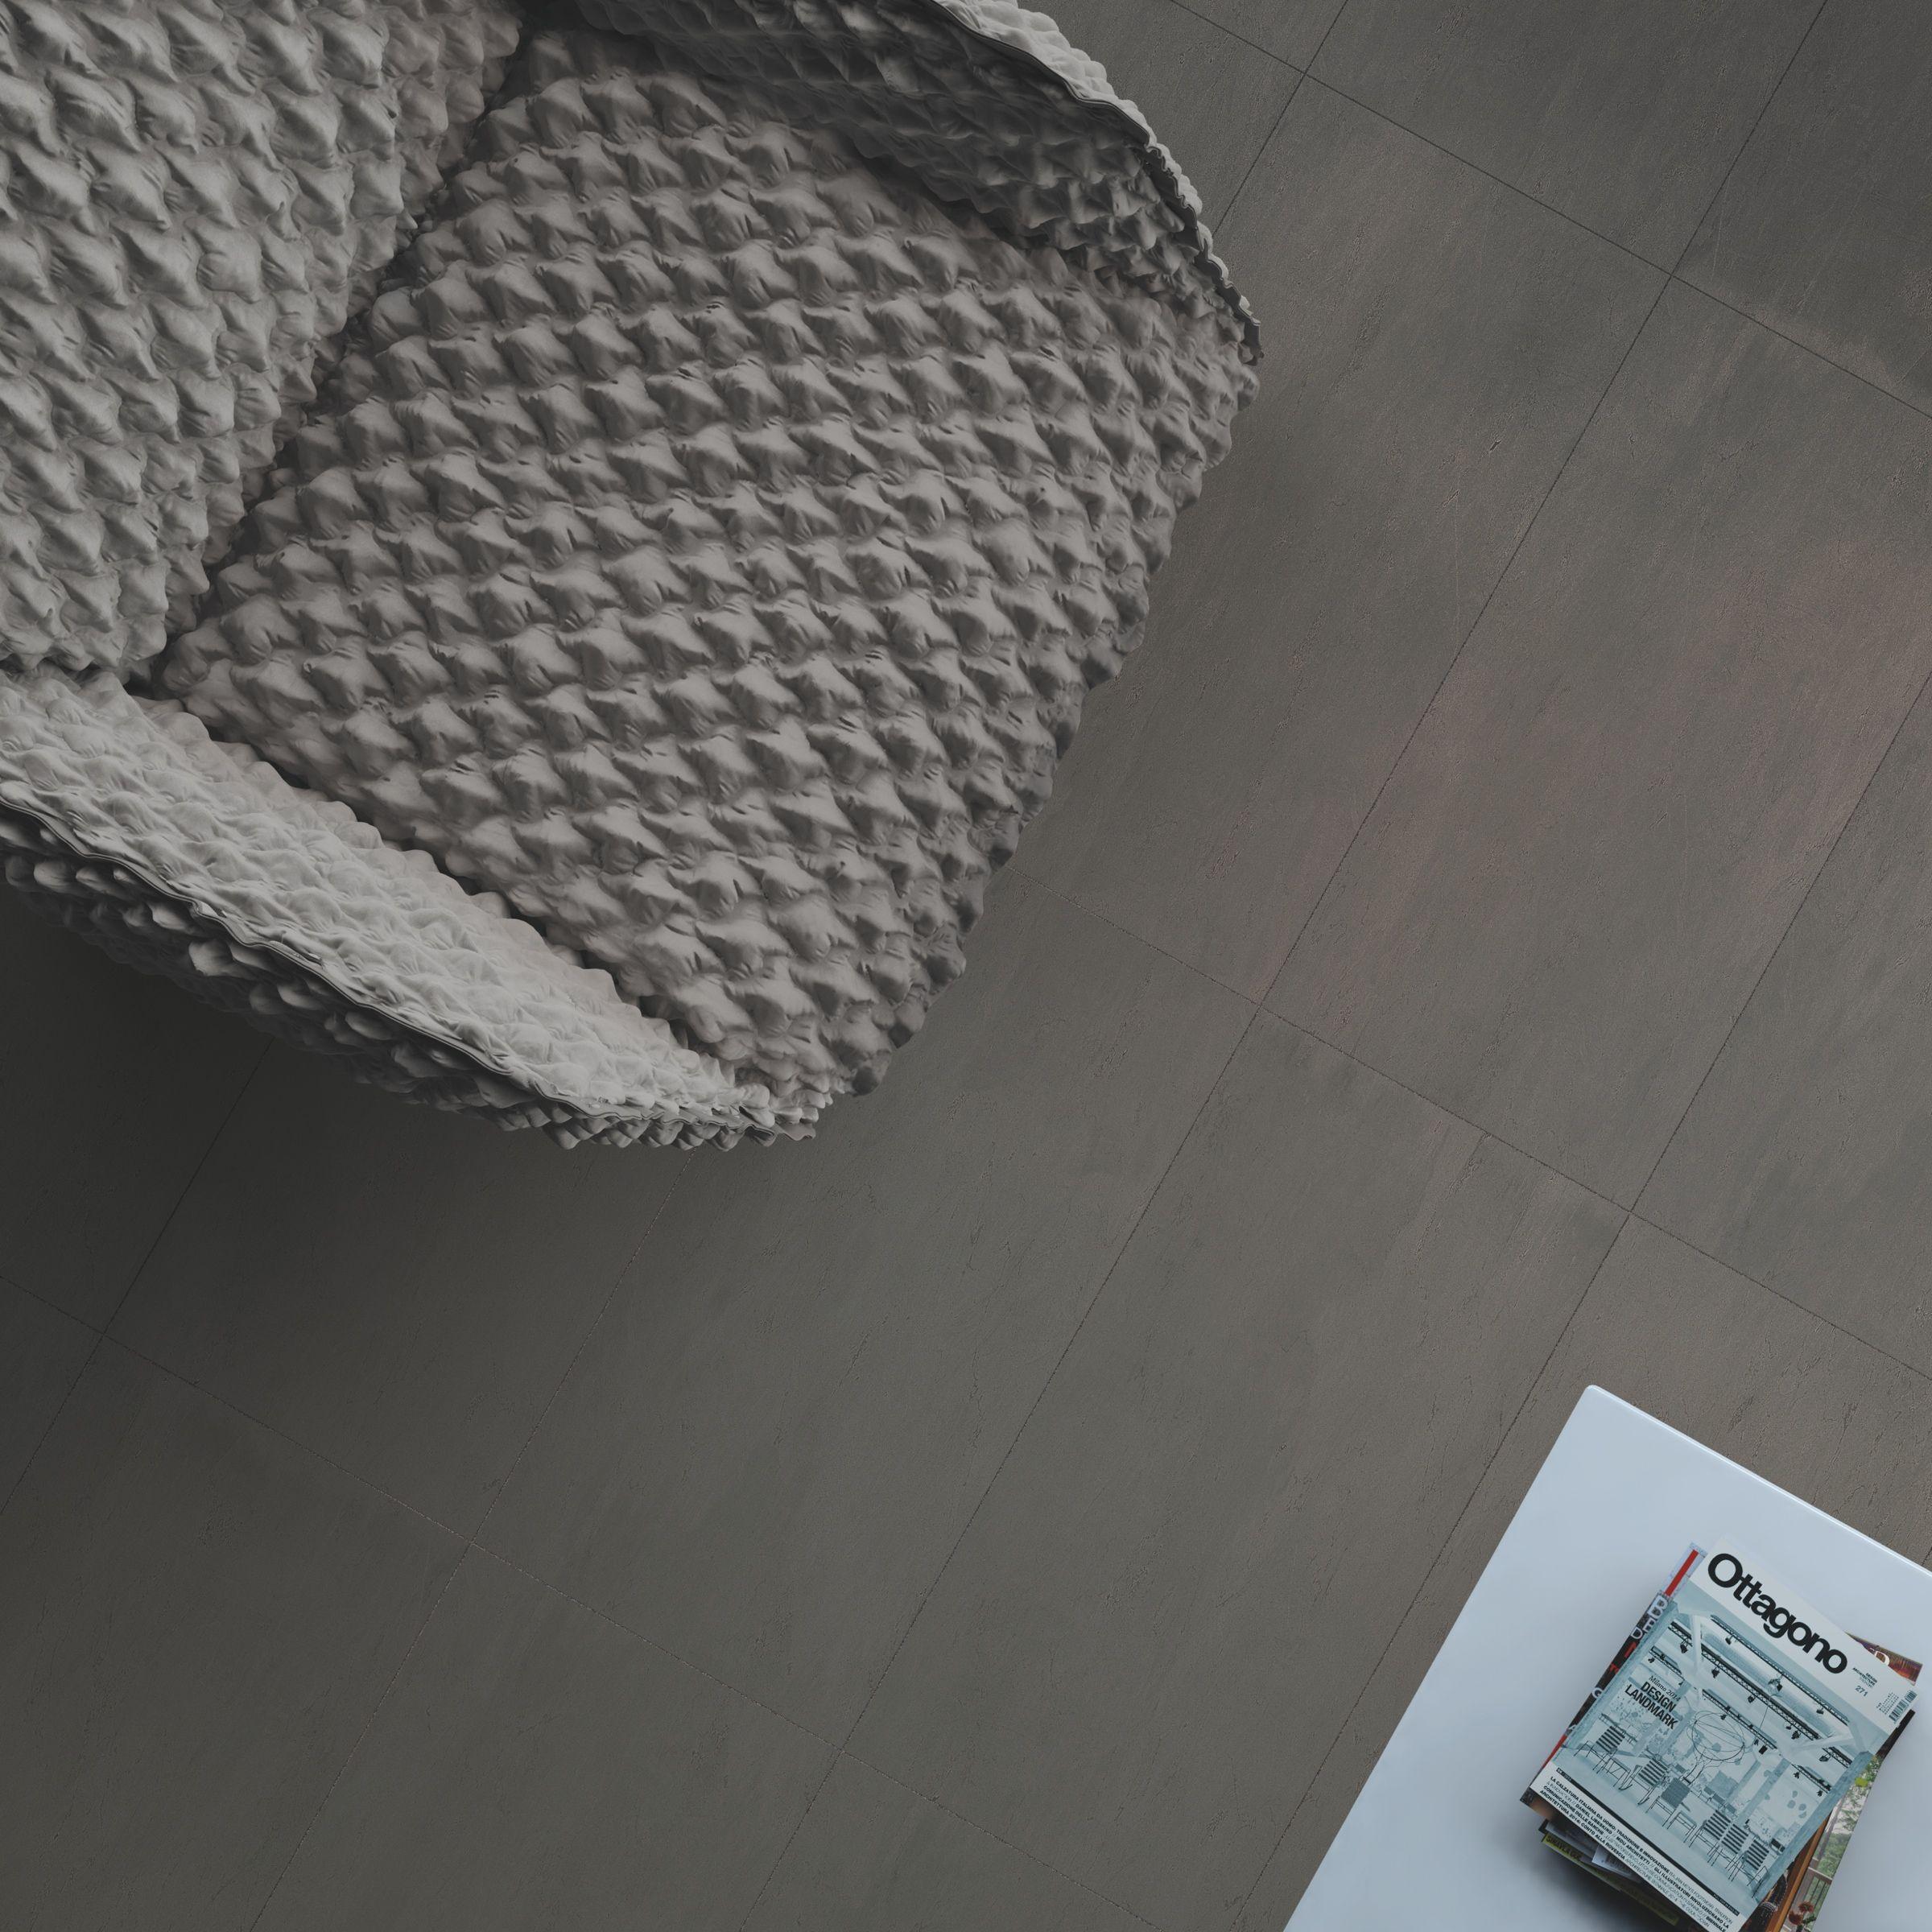 Le lastre ceramiche di Casalgrande Padana arredano lo spazio giorno di appartamenti, ville, case. Un viaggio nella ceramica come vero e proprio complemento d'arredo.